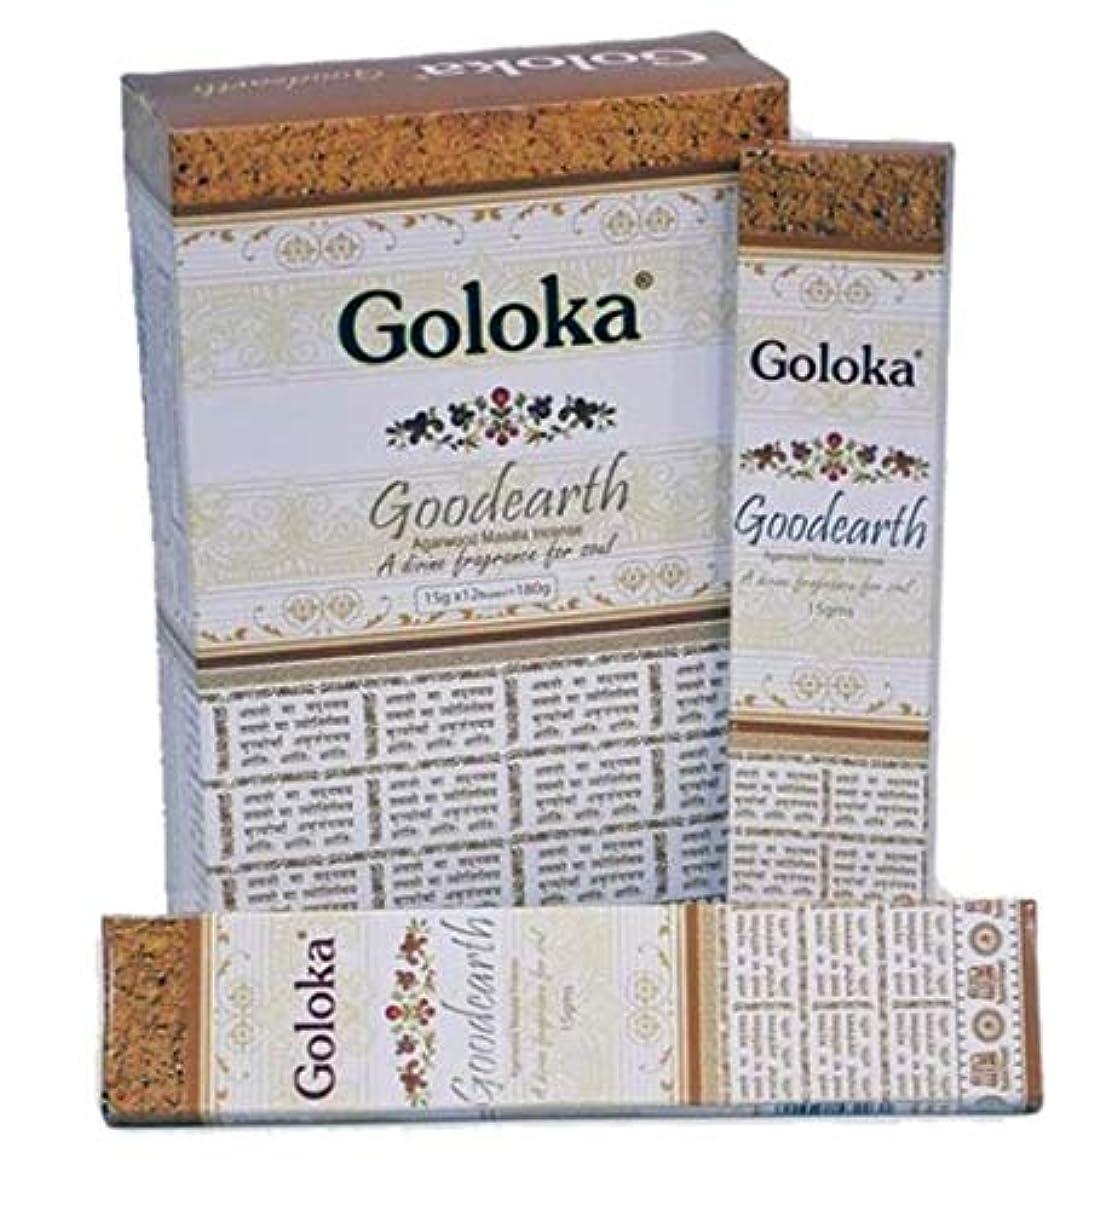 食事を調理する驚かす大いにGolokaブランドの香り。 PREMIUM GOODEARTH (AGARWOOD)